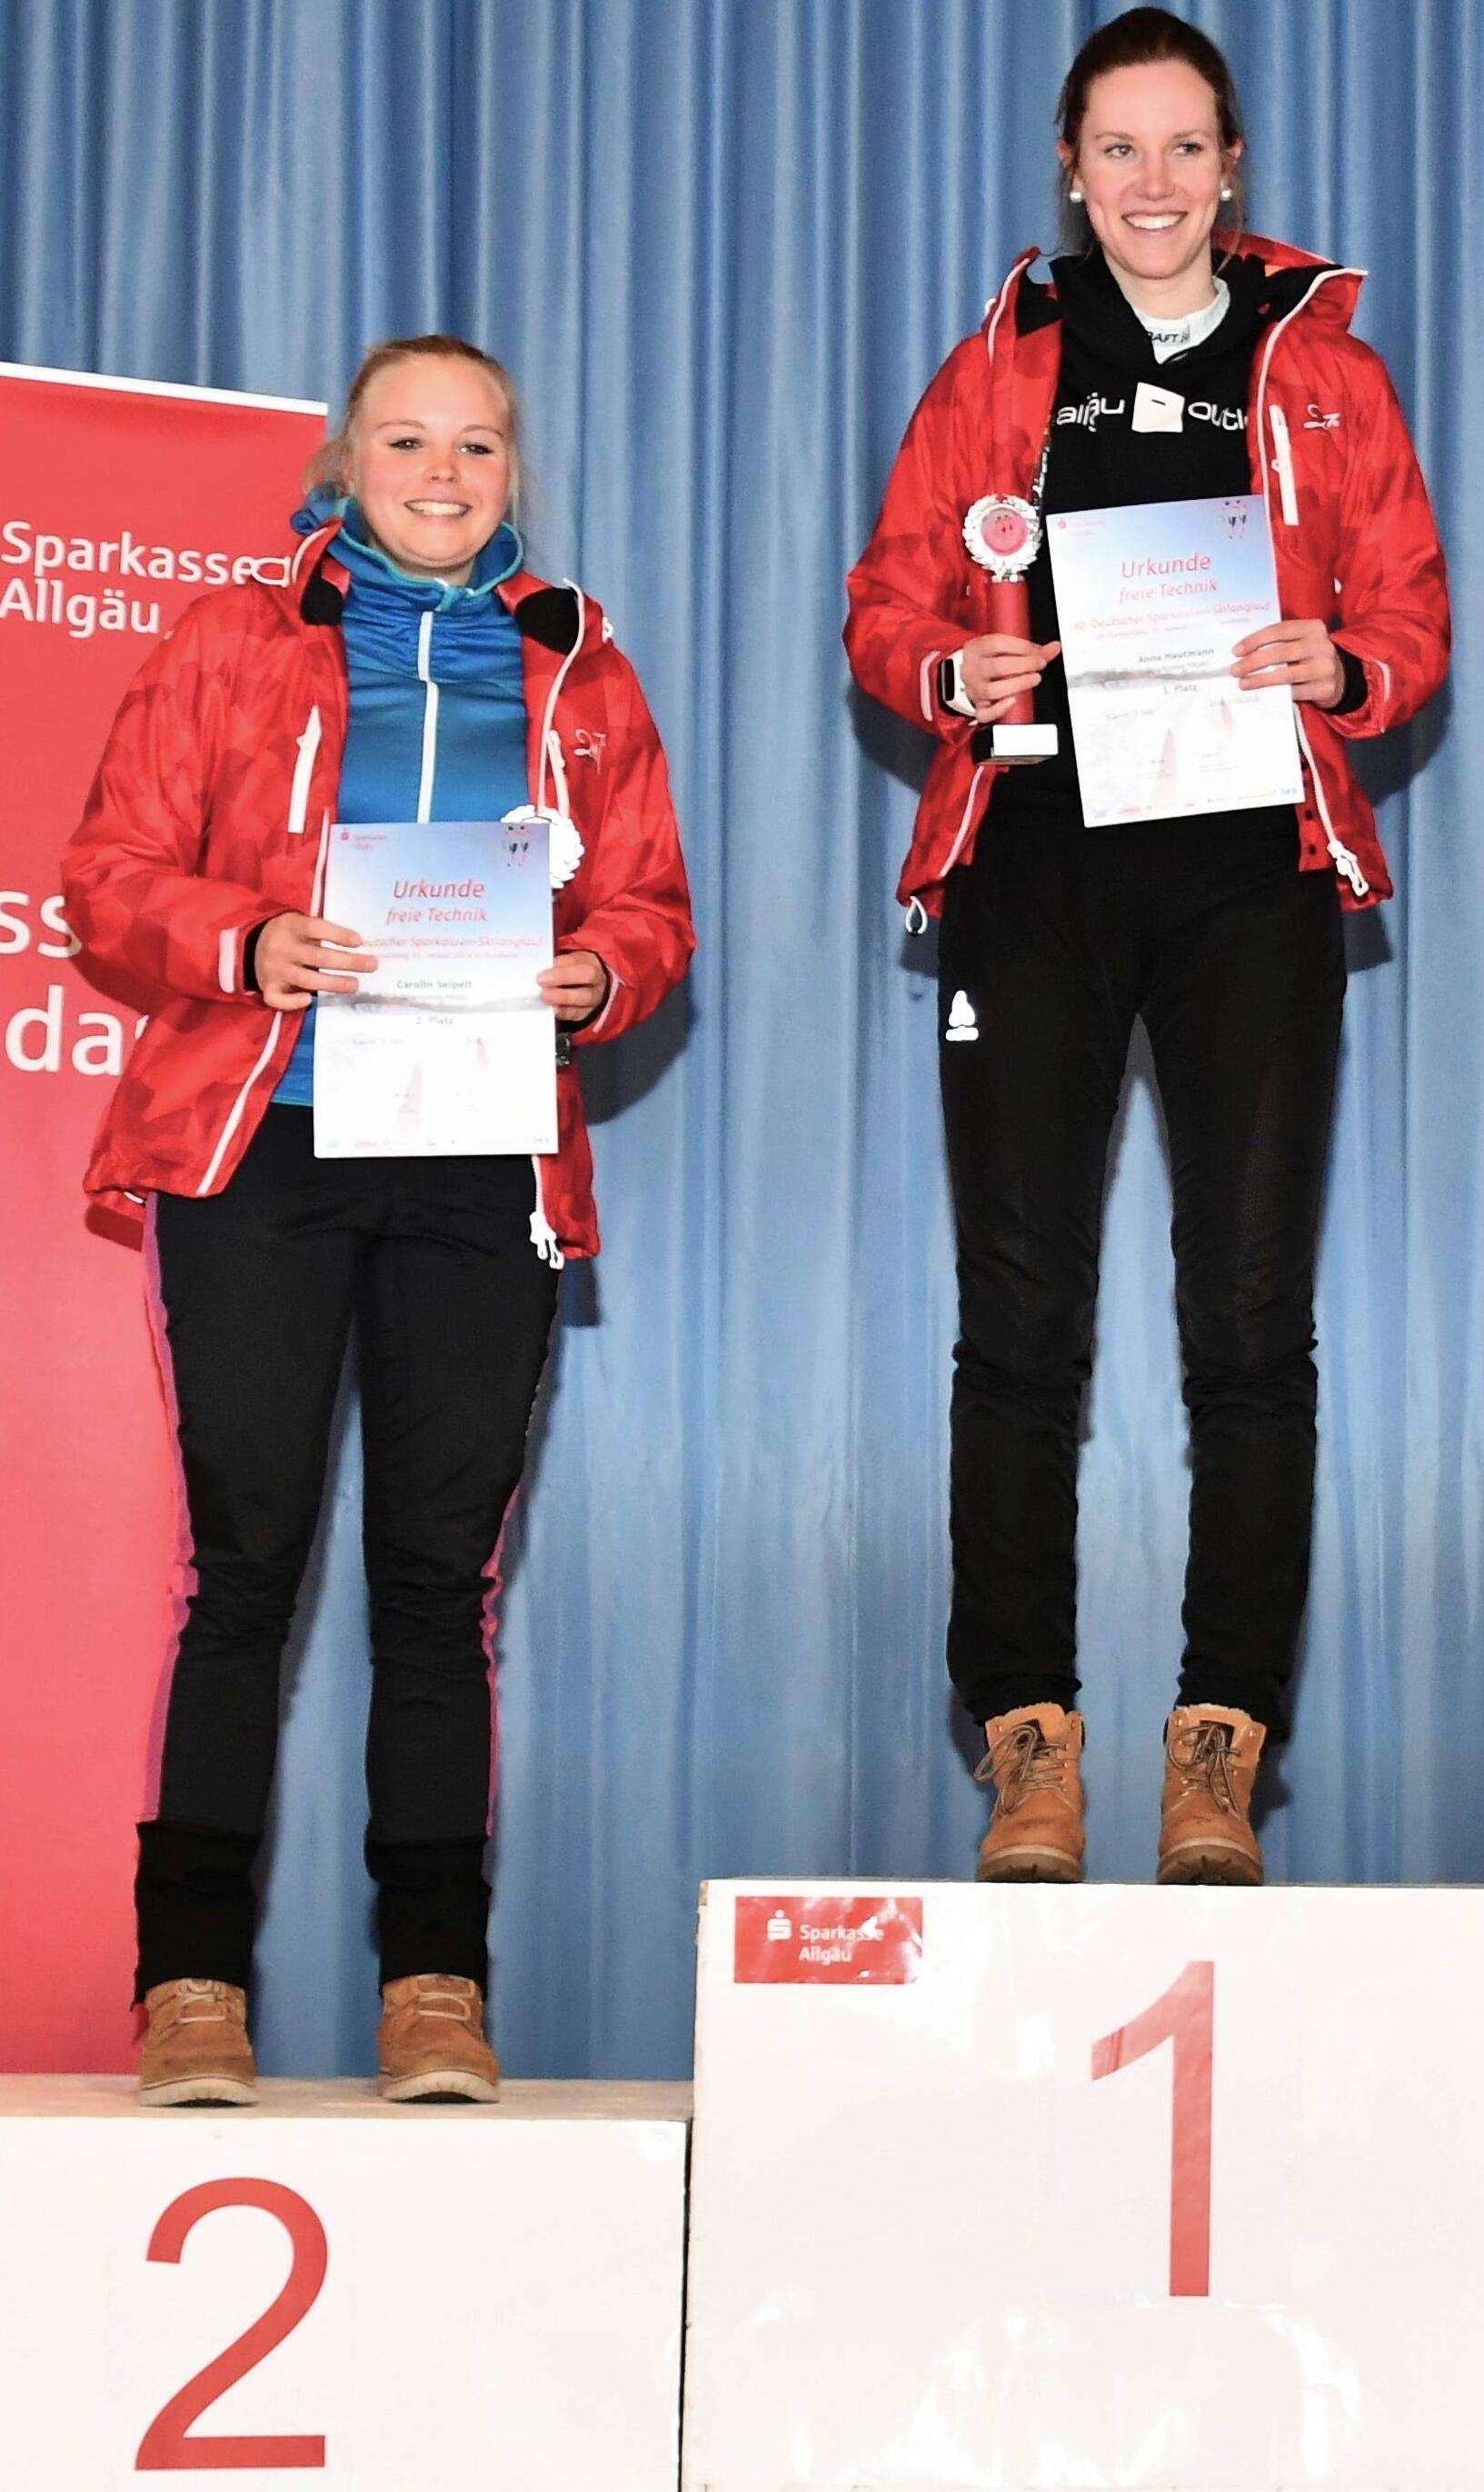 Carolin Seipelt und Anna Hautmann holen die Siegpokale für den 1. und 2. Platz